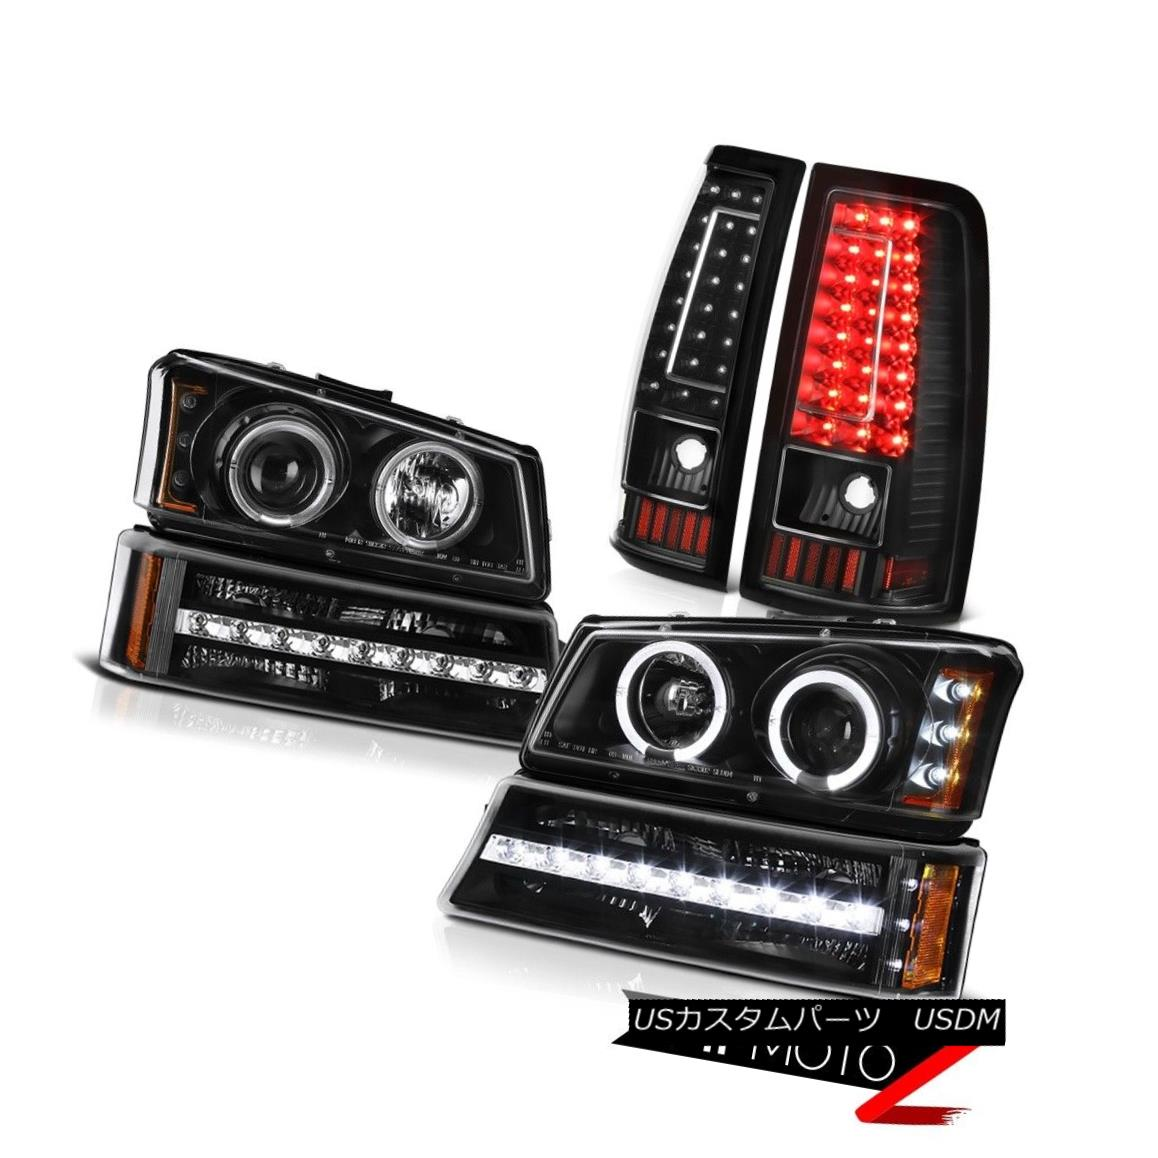 テールライト 2003-2006 Chevy Silverado 1500 Inky Black Taillamps Signal Lamp Headlamps SMD 2003-2006シボレーシルバラード1500 Inky Black TaillampsシグナルランプヘッドランプSMD